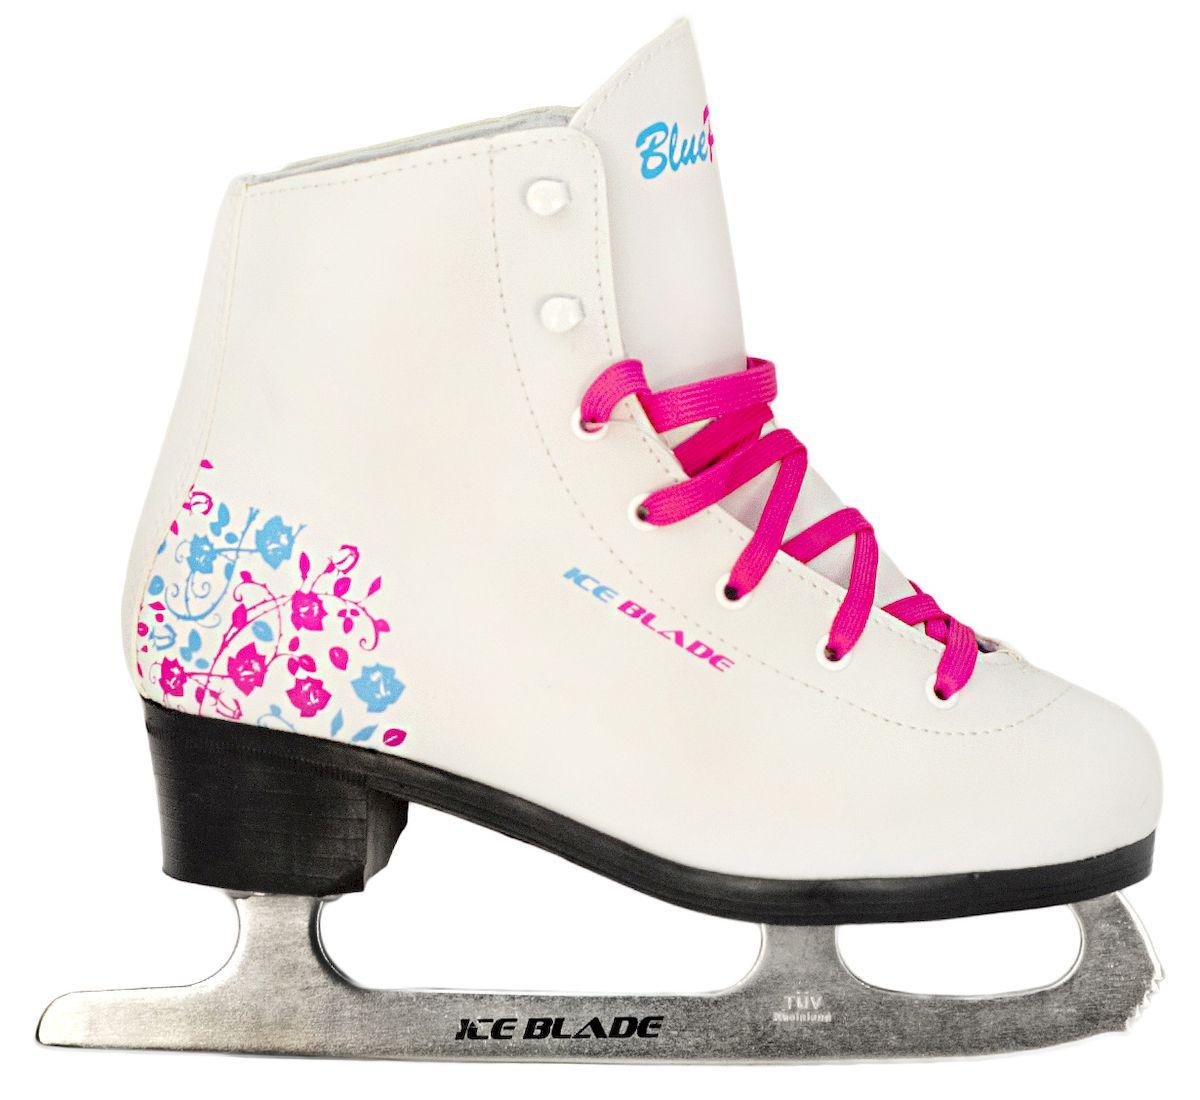 Коньки фигурные Ice Blade BluePink, цвет: белый, розовый, голубой. УТ-00006869. Размер 30